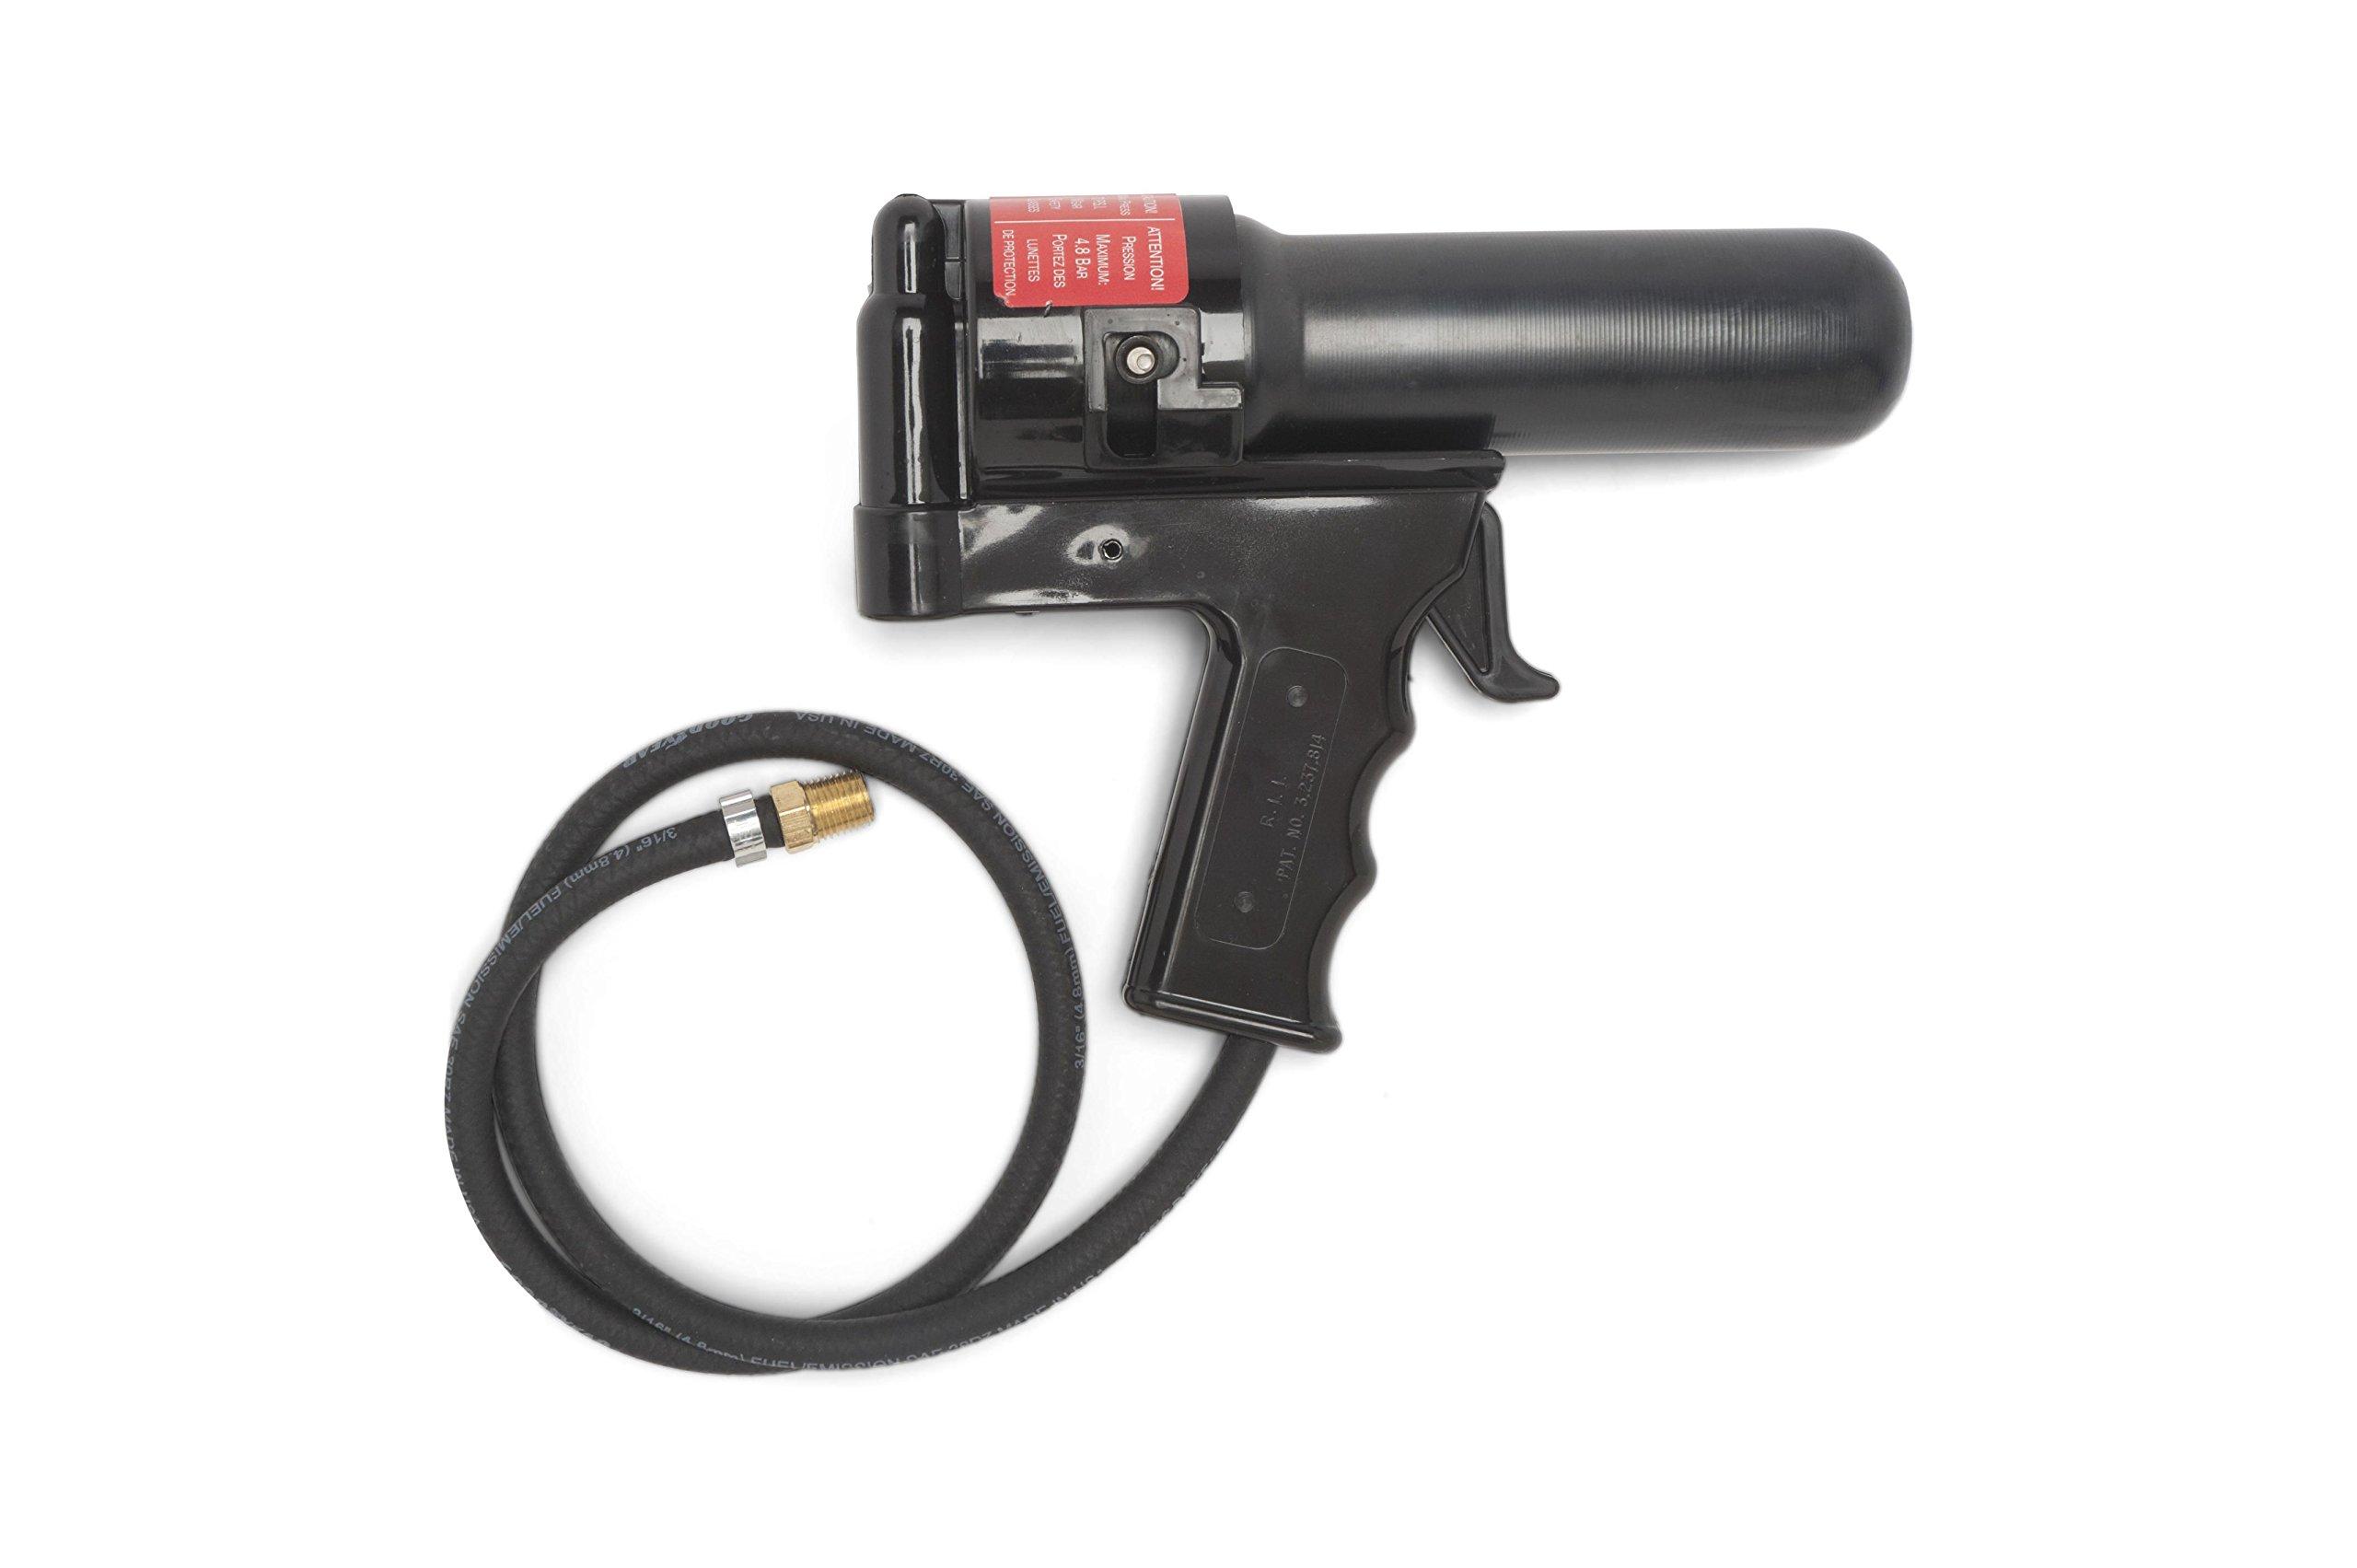 Weller PG10260 Caulk Gun, Pneumatic, 6 Oz, Aerospace, Black by Weller